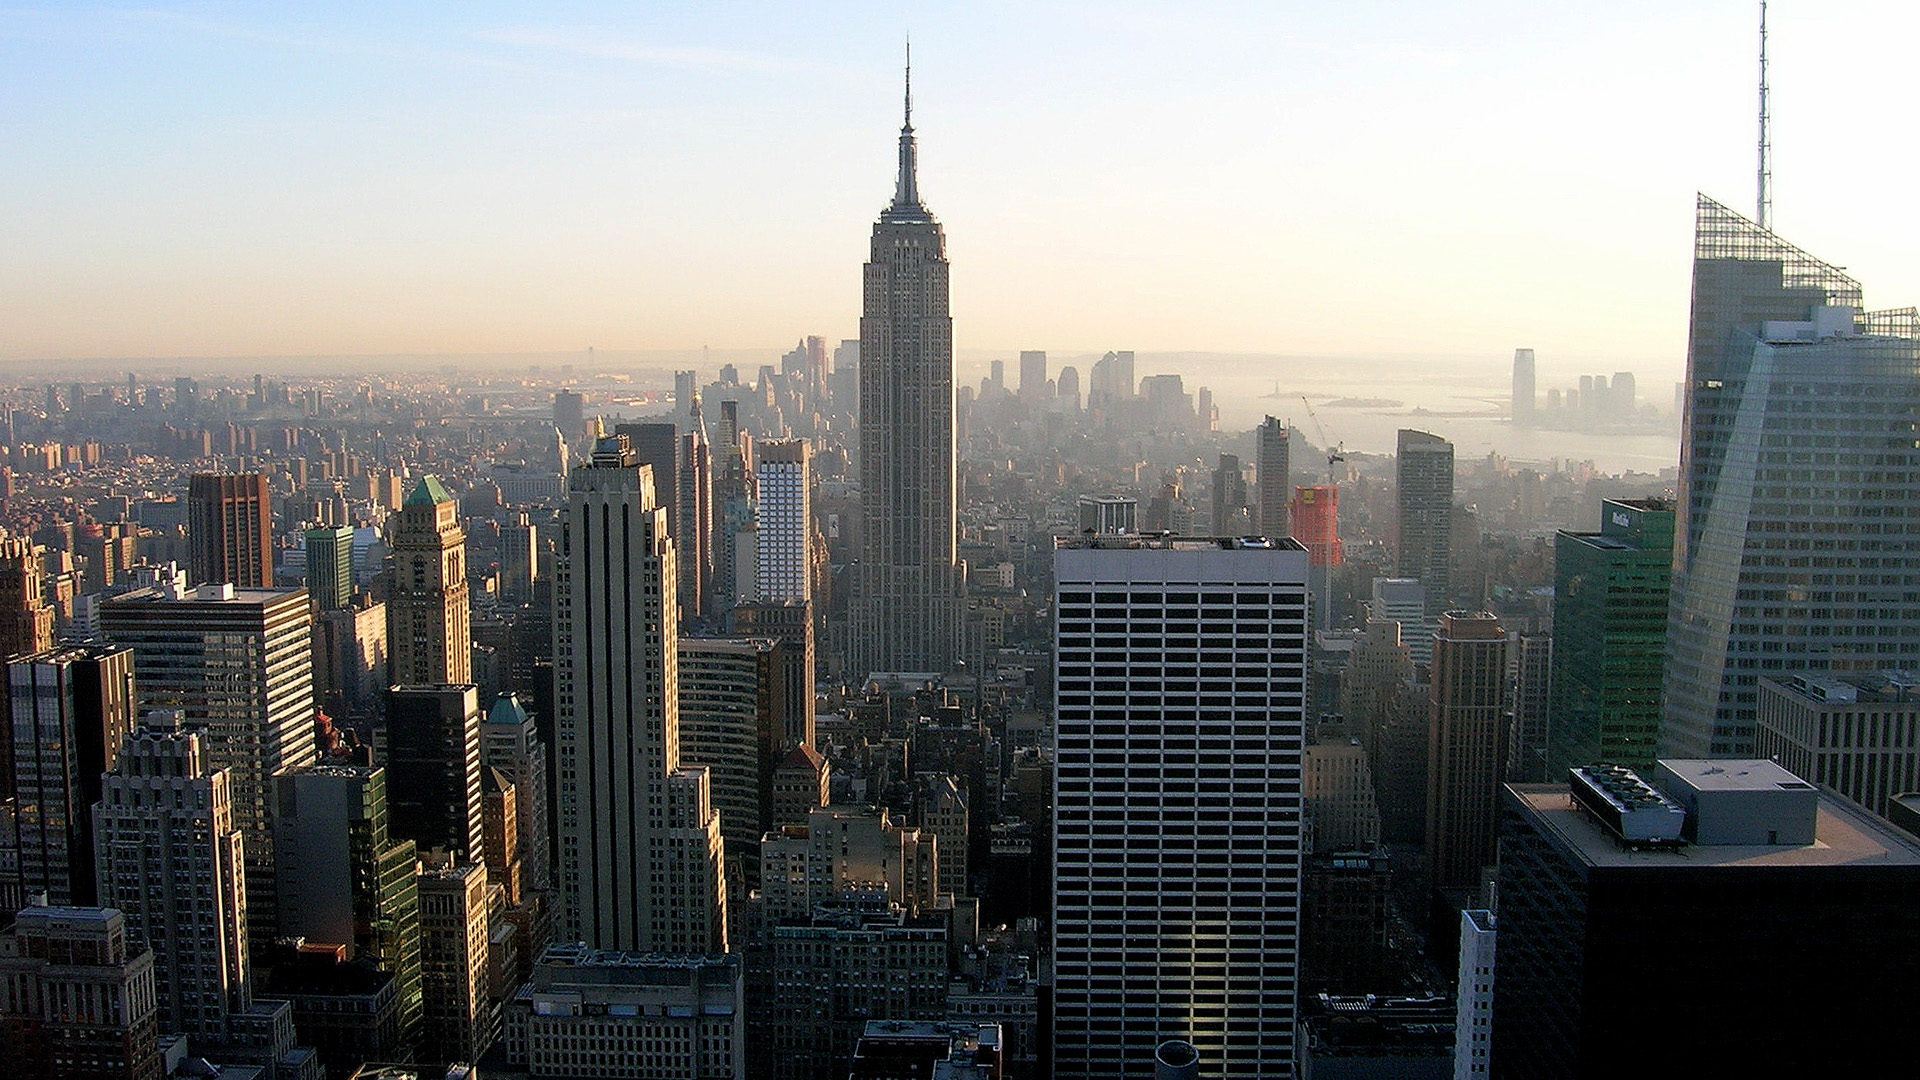 New York City Wallpaper Widescreen   HD Wallpapers 1920x1080